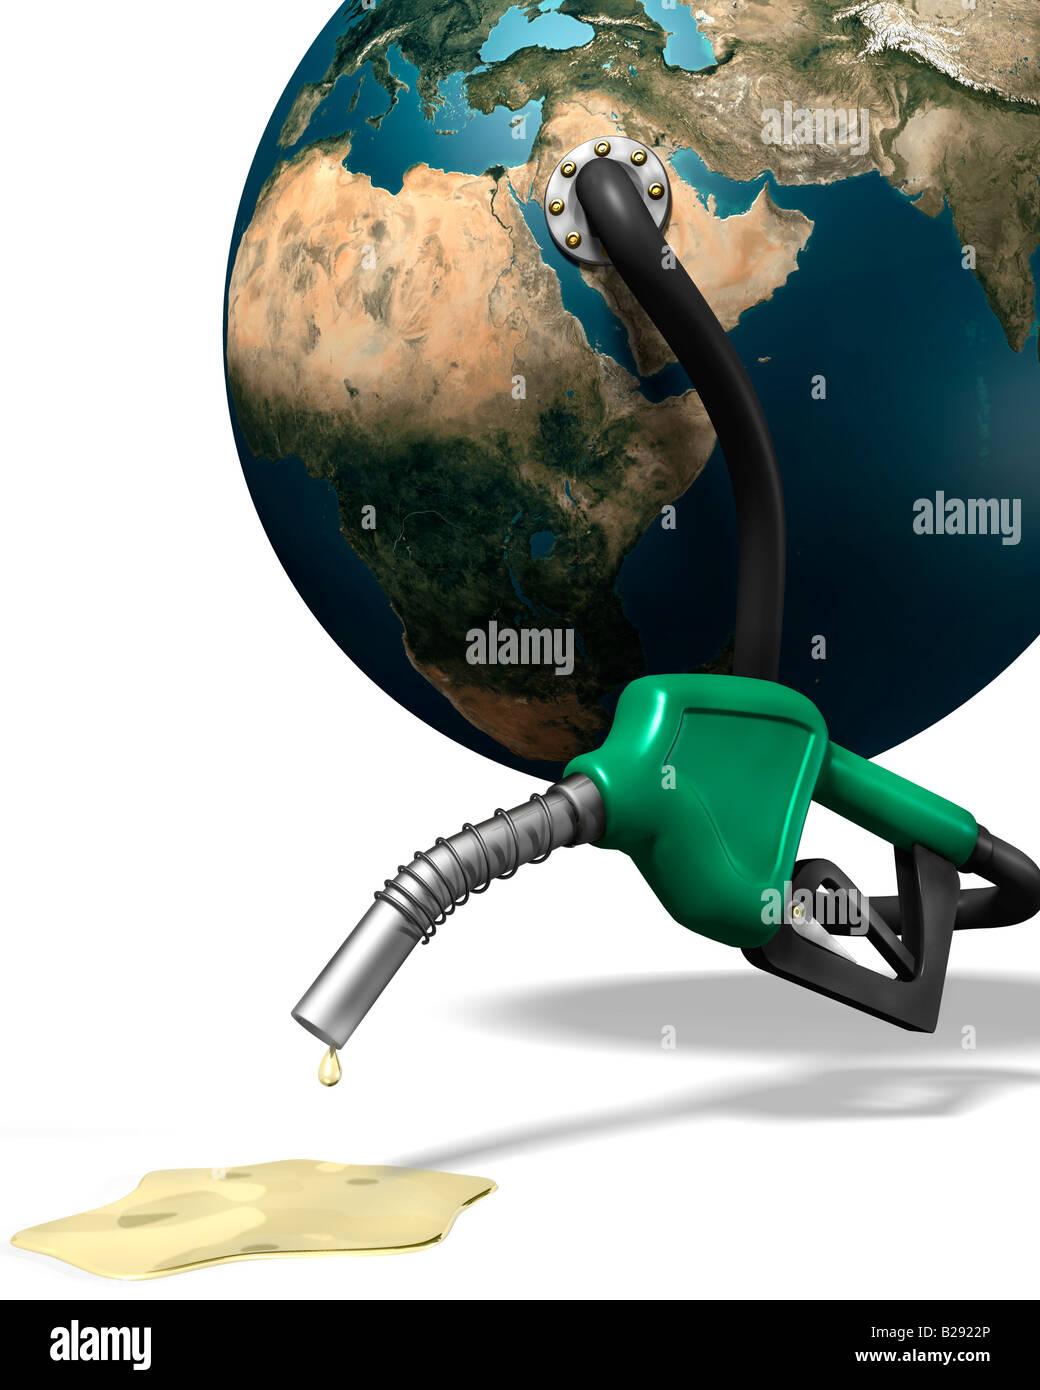 La gasolina y el concepto de crisis energética. Foto de stock